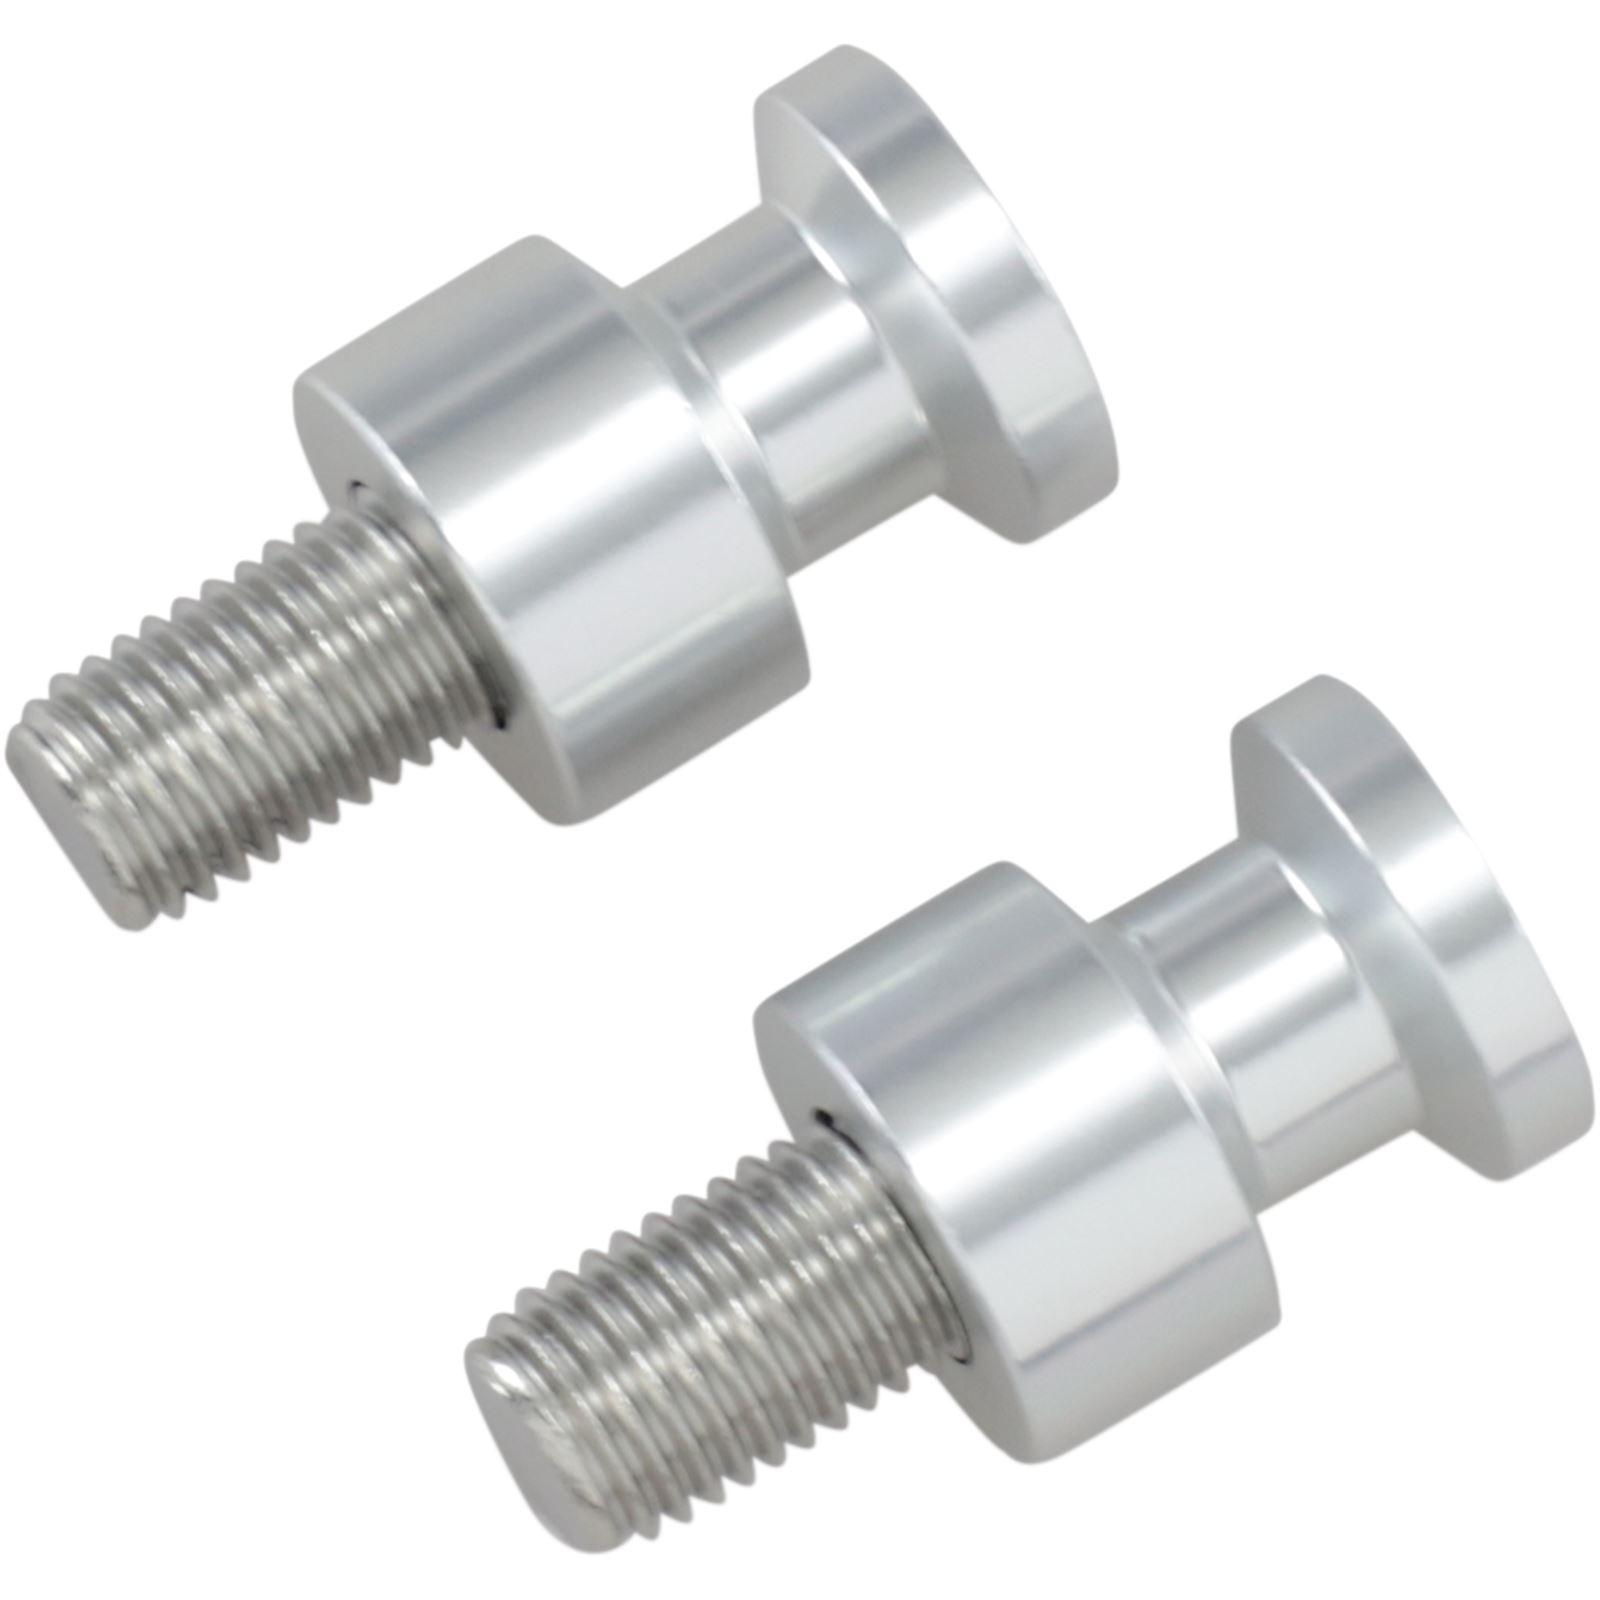 Factory Effex Swingarm Spool - Silver - 6 mm